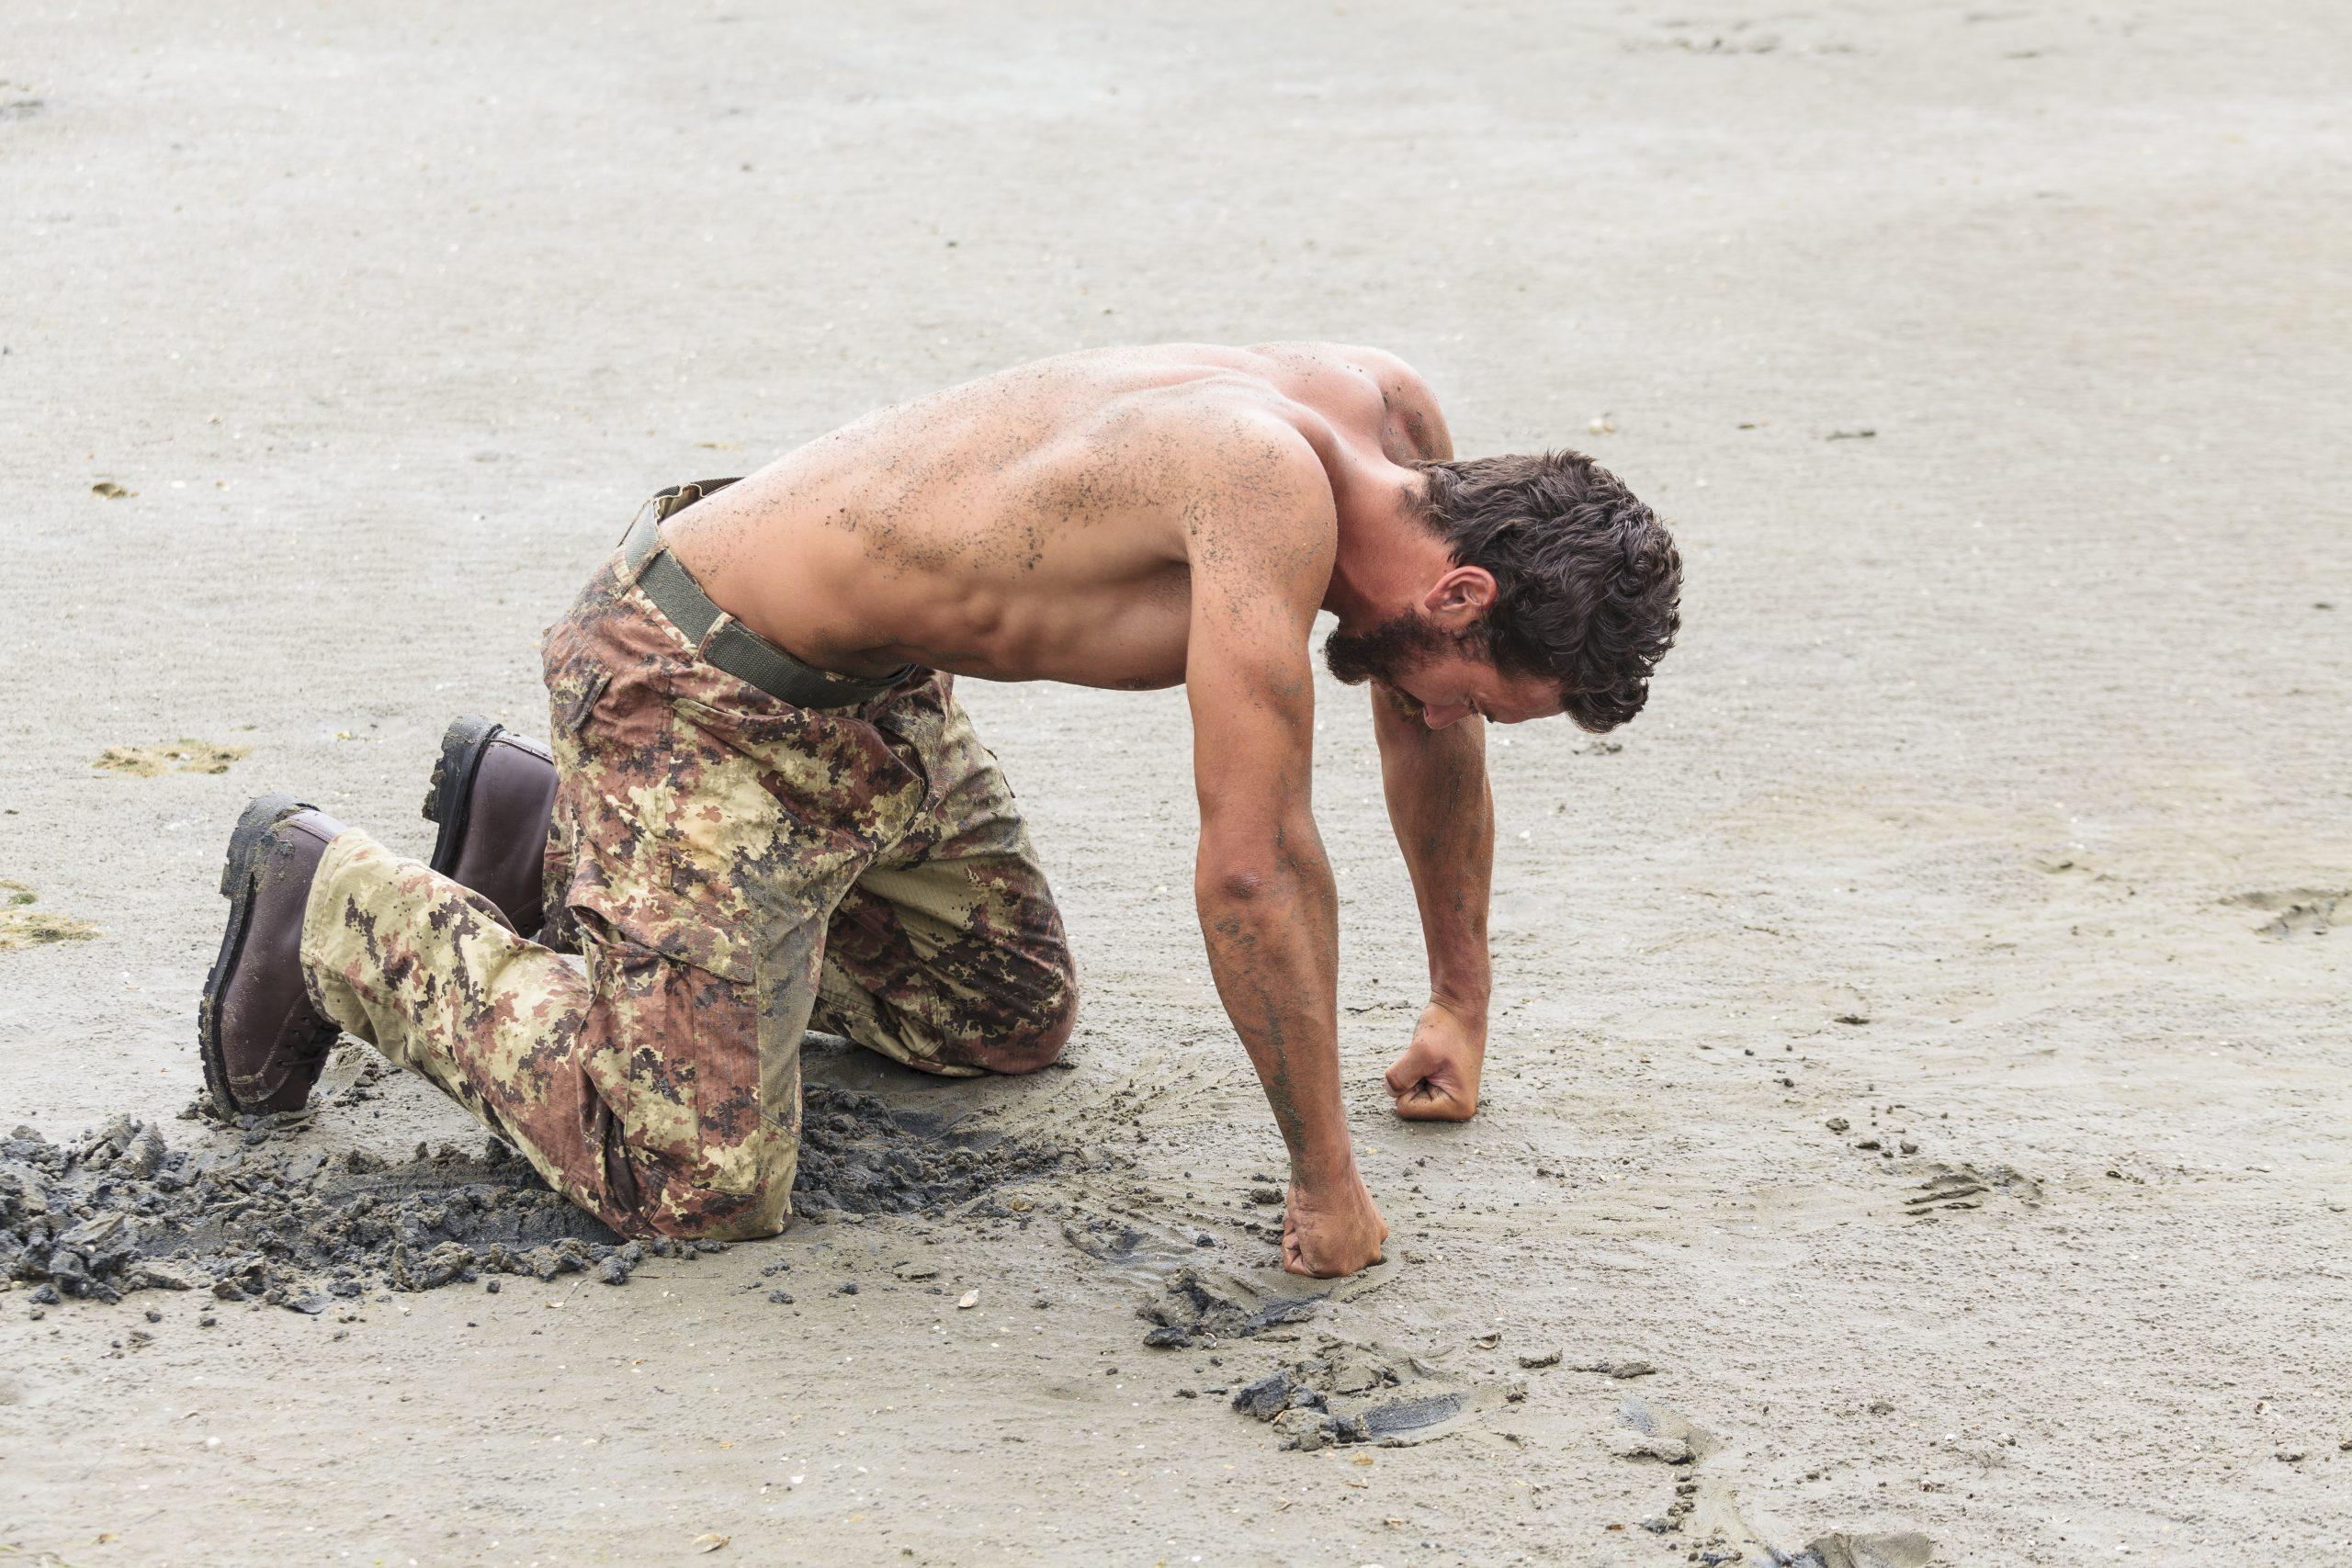 man-on-knees